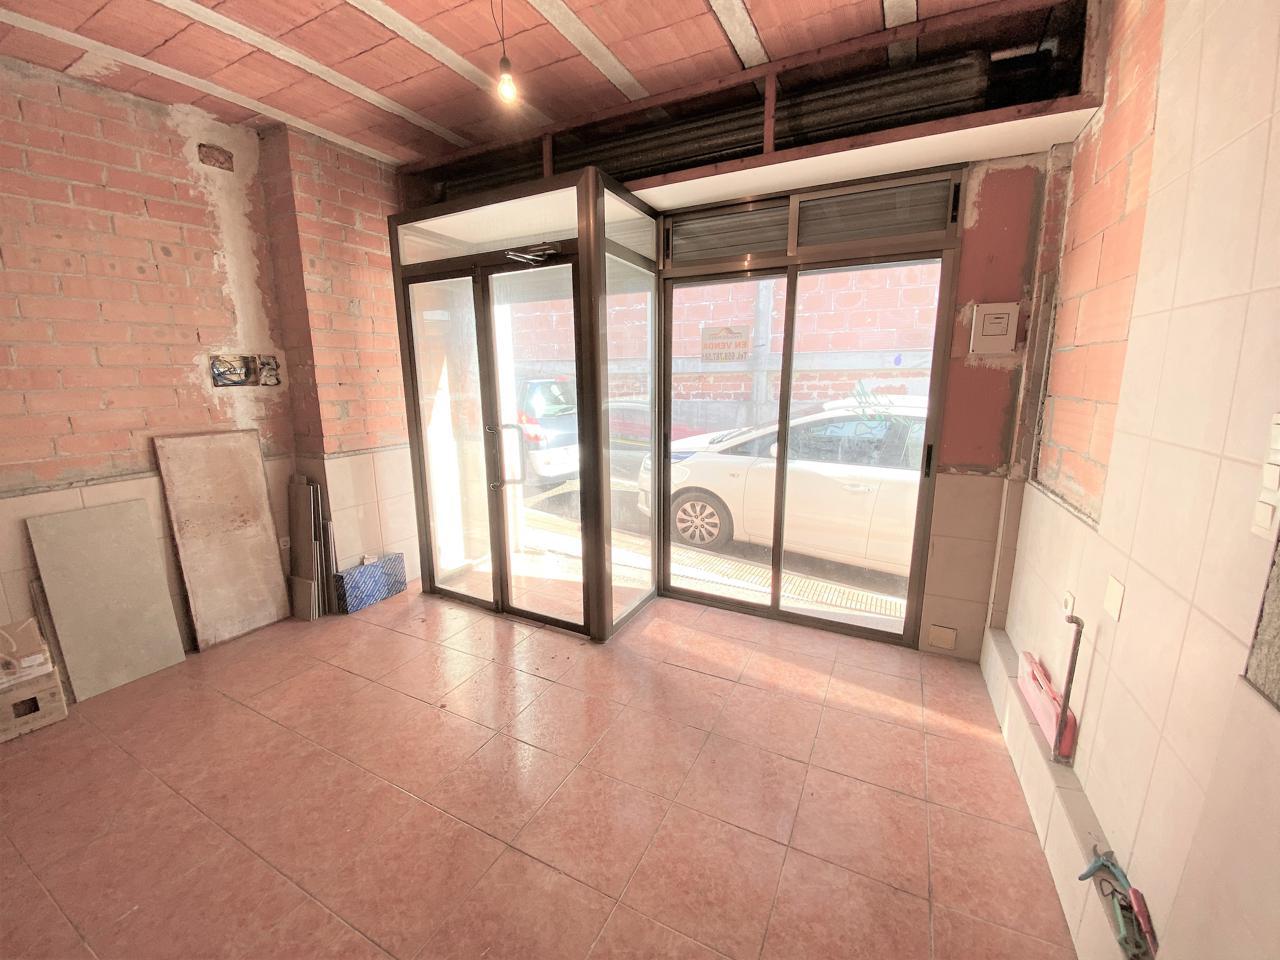 Local Comercial en Pallaresos (Els). Local situado en el centro dels pallaresos de 169m2, dispone de